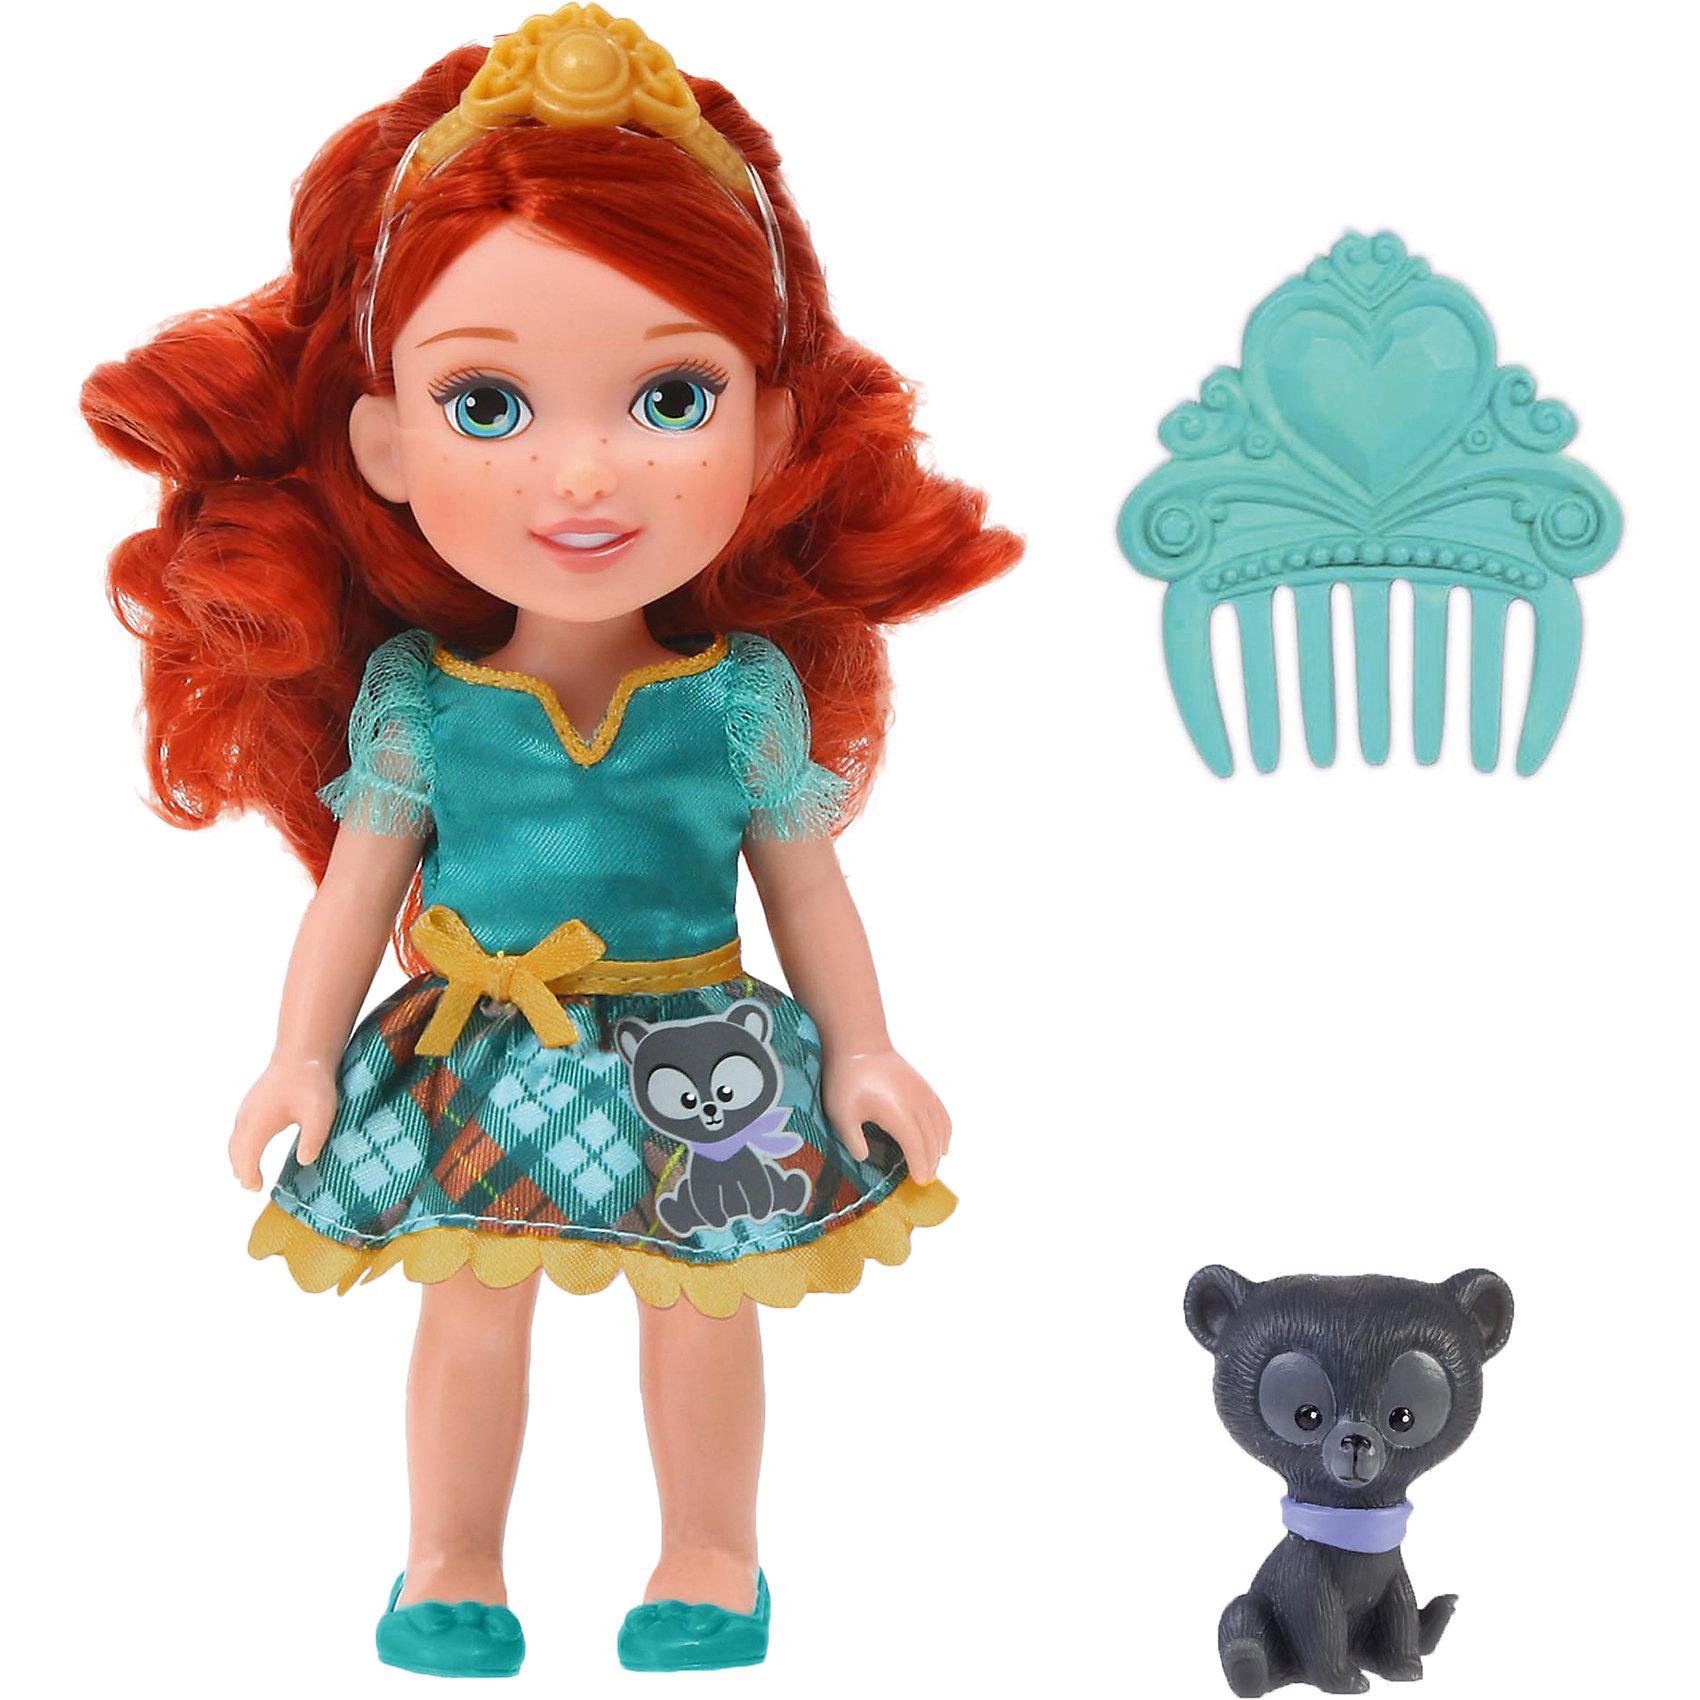 Кукла  Малышка с питомцем: Мерида, 15 см, Disney PrincessКукла  Малышка с питомцем: Мерида, 15 см, Disney Princess – эта маленькая принцесса станет отличным подарком для девочки!<br>Кукла Disney Малышка с питомцем: Мерида непременно приведет в восторг вашу дочурку и обязательно станет ее любимой игрушкой. Кукла одета в нарядное платье юбочка, которого украшена аппликацией в виде медвежонка. На голове Мериды тиара.  Волосы мягкие на ощупь, их можно заплетать и укладывать в различные прически. Глазки куклы выполнены по особой запатентованной технологии - линзы делают их яркими и живыми. Милую очаровательную малышку с выразительным личиком сопровождает ее любимый питомец, готовый встать на защиту в сложной ситуации. Благодаря играм с куклой, ваша девочка сможет развить фантазию и любознательность, овладеть навыками общения и научиться ответственности.<br><br>Дополнительная информация:<br><br>- В комплекте: кукла, питомец, гребешок<br>- Высота куклы: 15 см.<br>- Материал: пластик, текстиль<br><br>Куклу  Малышка с питомцем: Мерида, 15 см, Disney Princess можно купить в нашем интернет-магазине.<br><br>Ширина мм: 140<br>Глубина мм: 195<br>Высота мм: 60<br>Вес г: 201<br>Возраст от месяцев: 36<br>Возраст до месяцев: 84<br>Пол: Женский<br>Возраст: Детский<br>SKU: 4401534